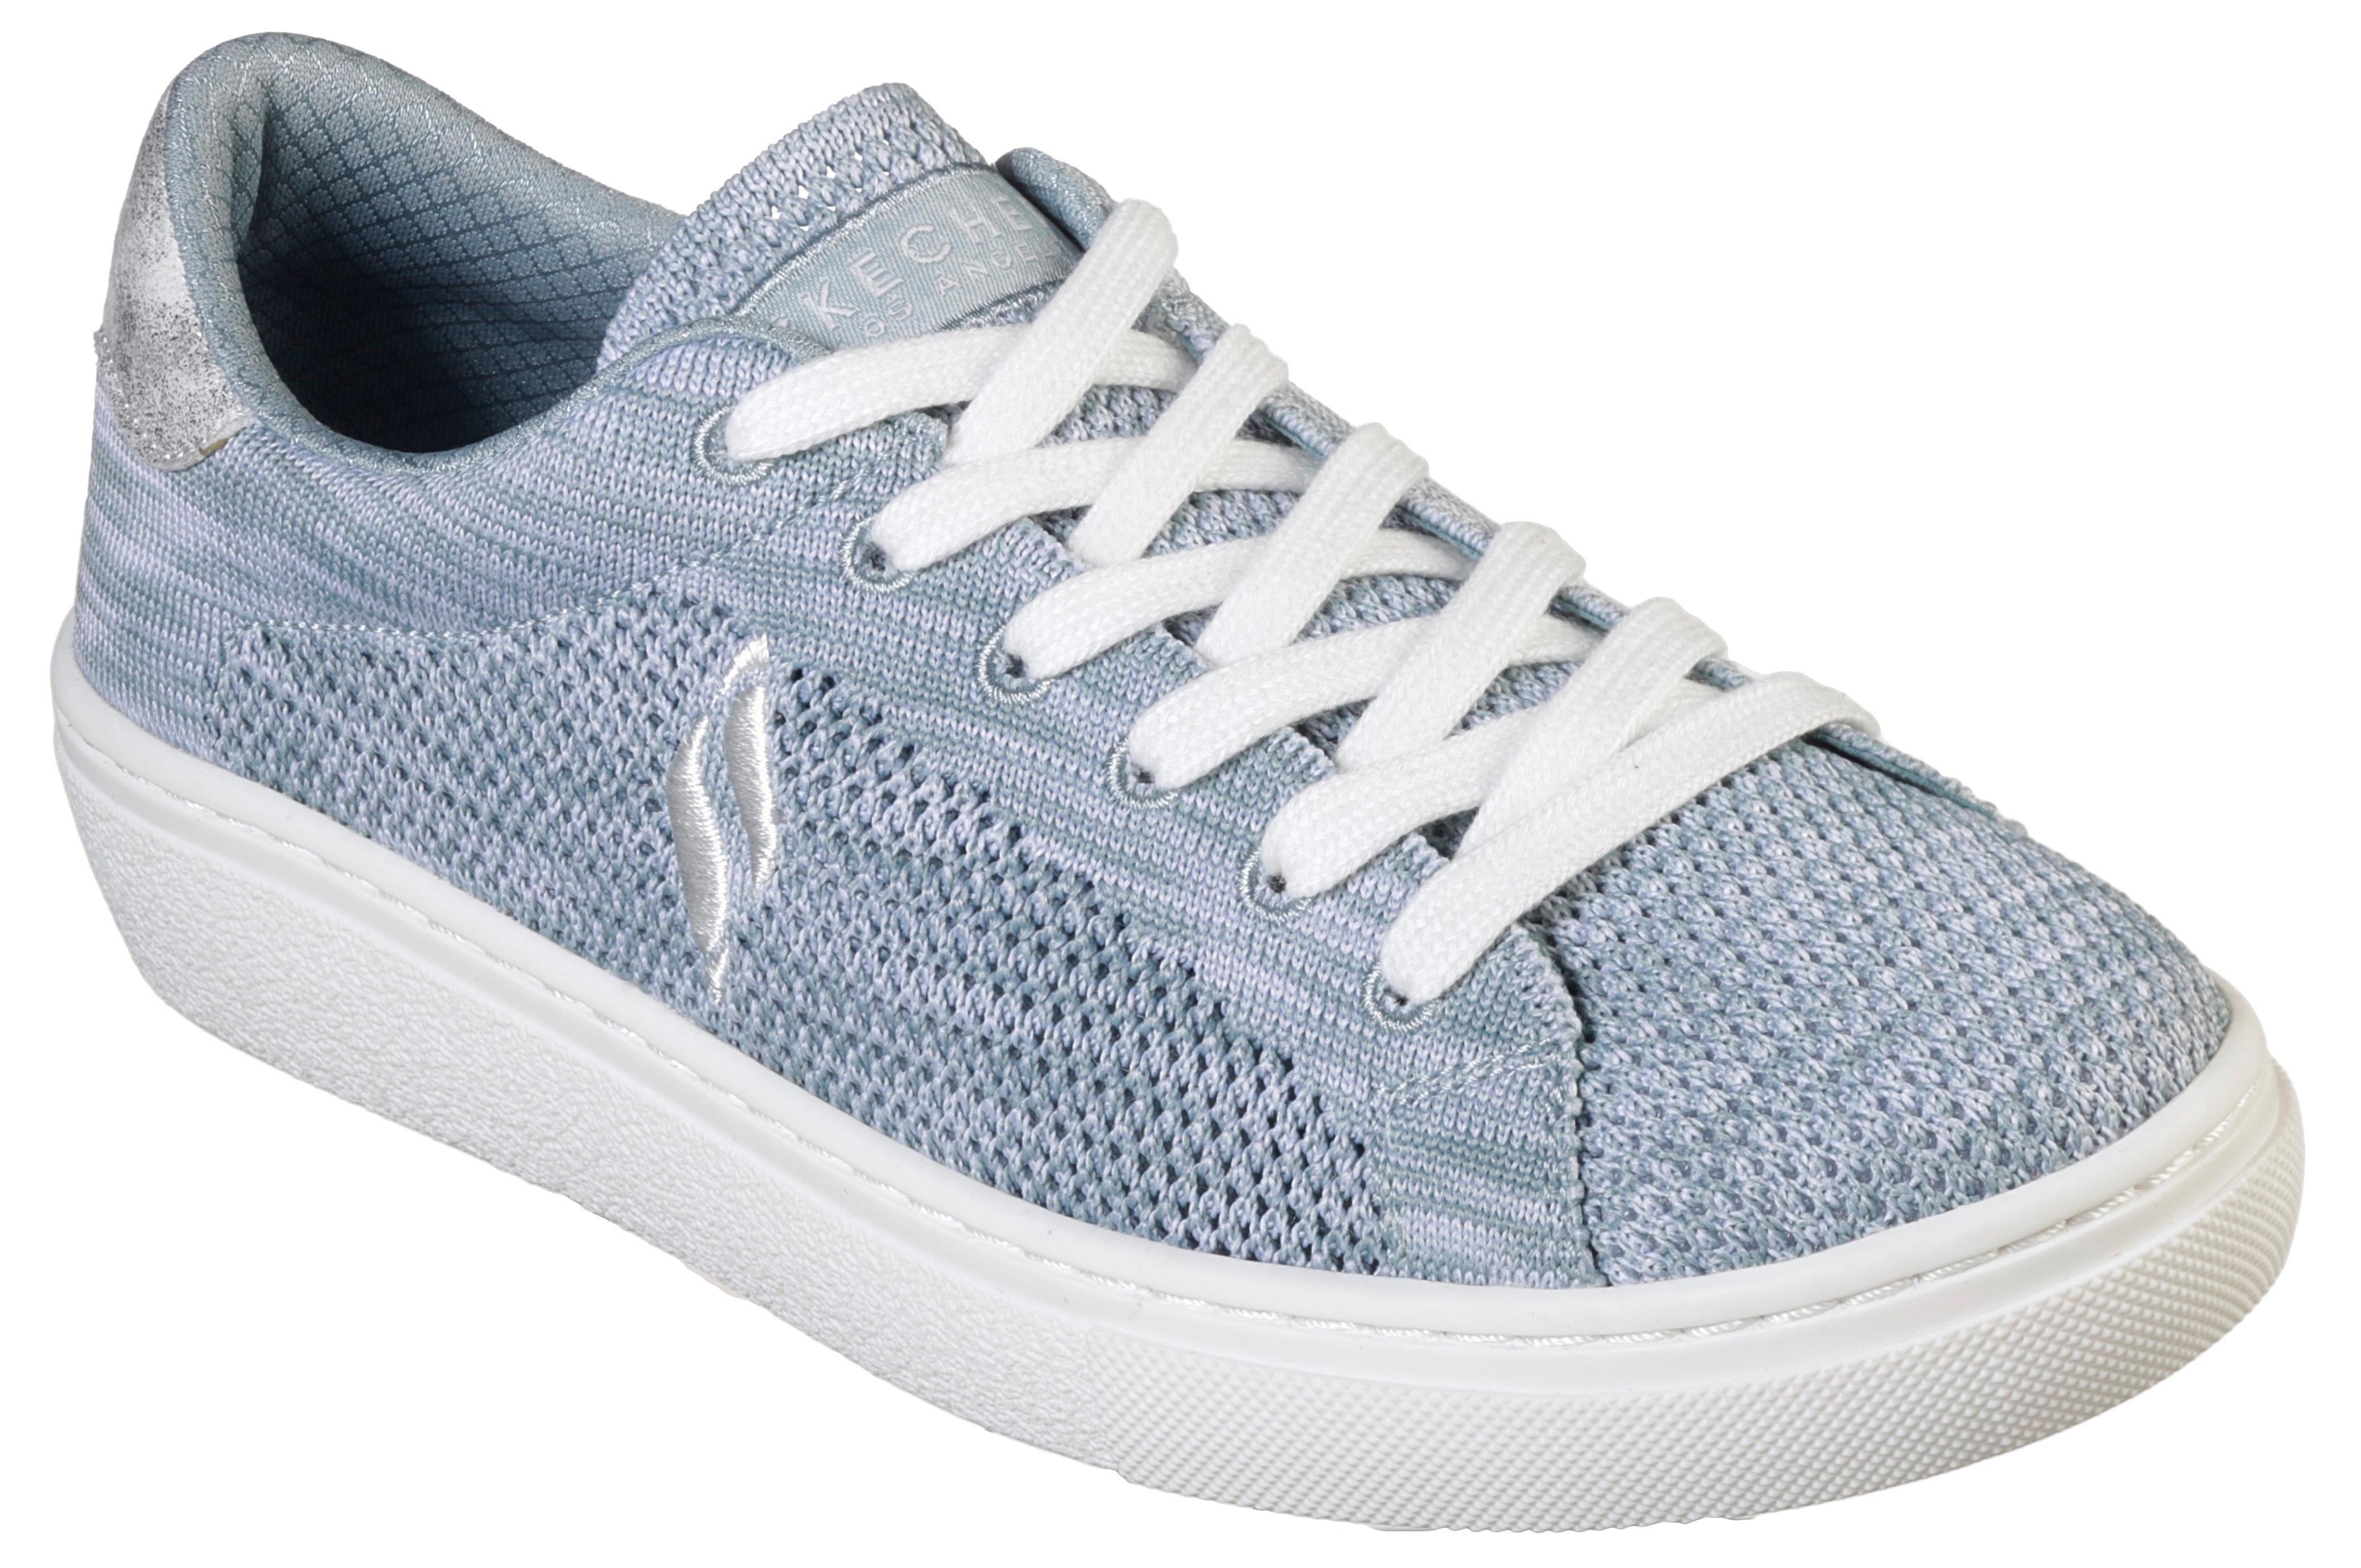 Snel Skechers Skechers Sneakersgoldie Sneakersgoldie Sneakersgoldie Snel Online Gekocht Skechers Online Snel Gekocht ikuwOXPZT